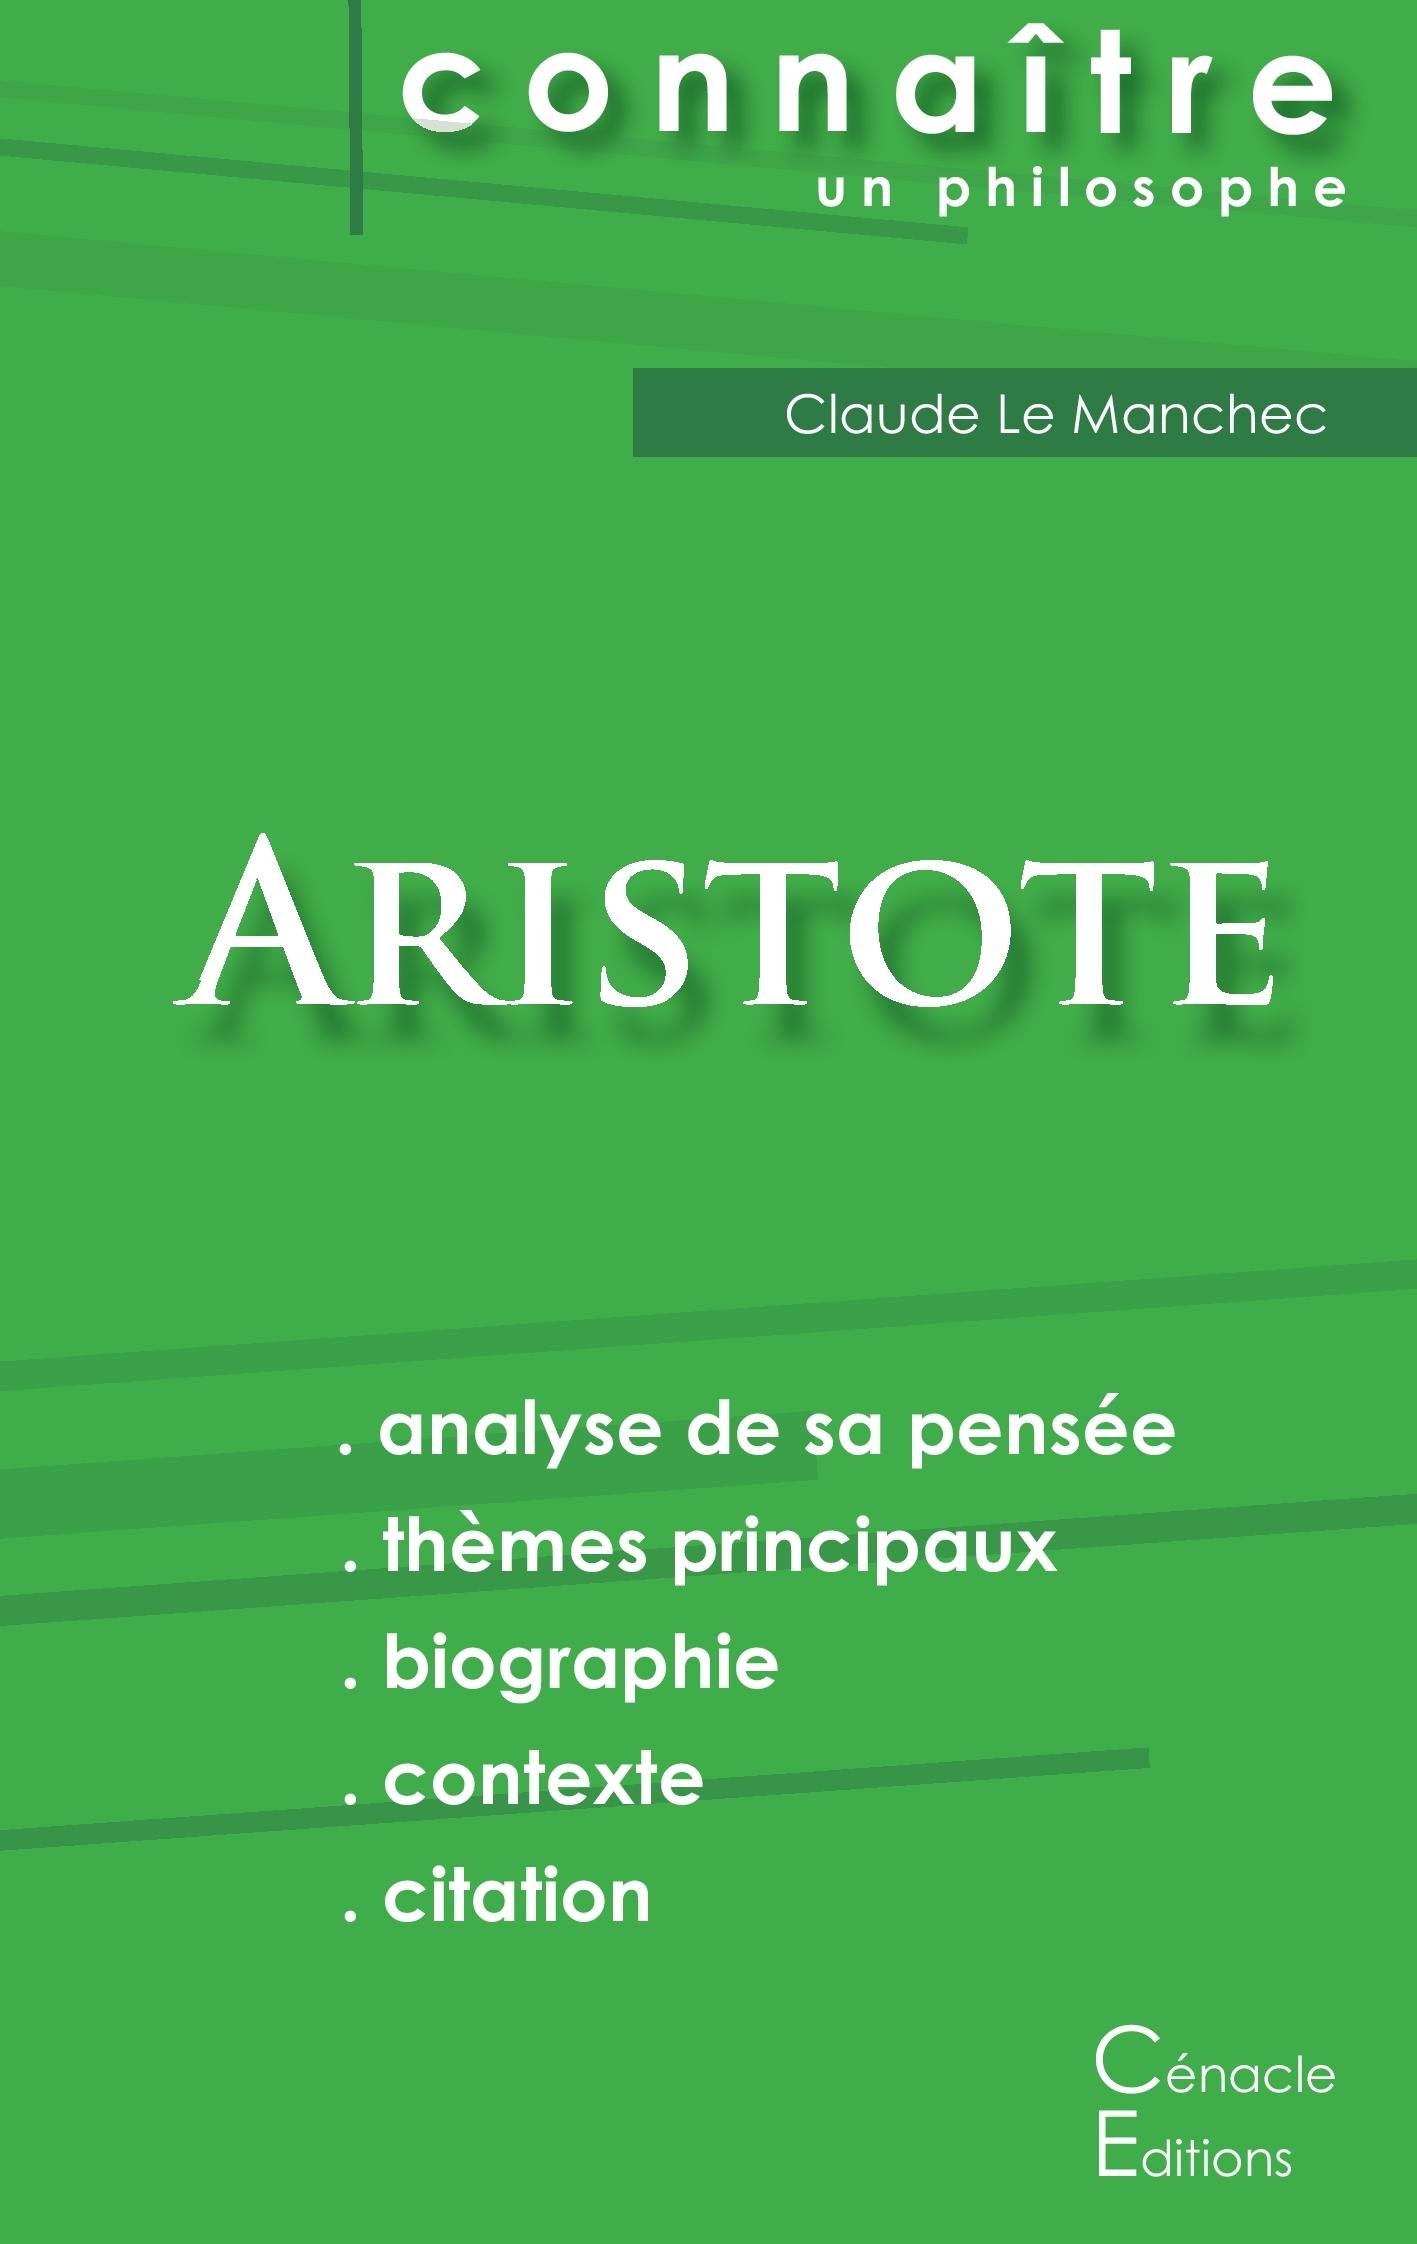 COMPRENDRE ARISTOTE (ANALYSE COMPLETE DE SA PENSEE)